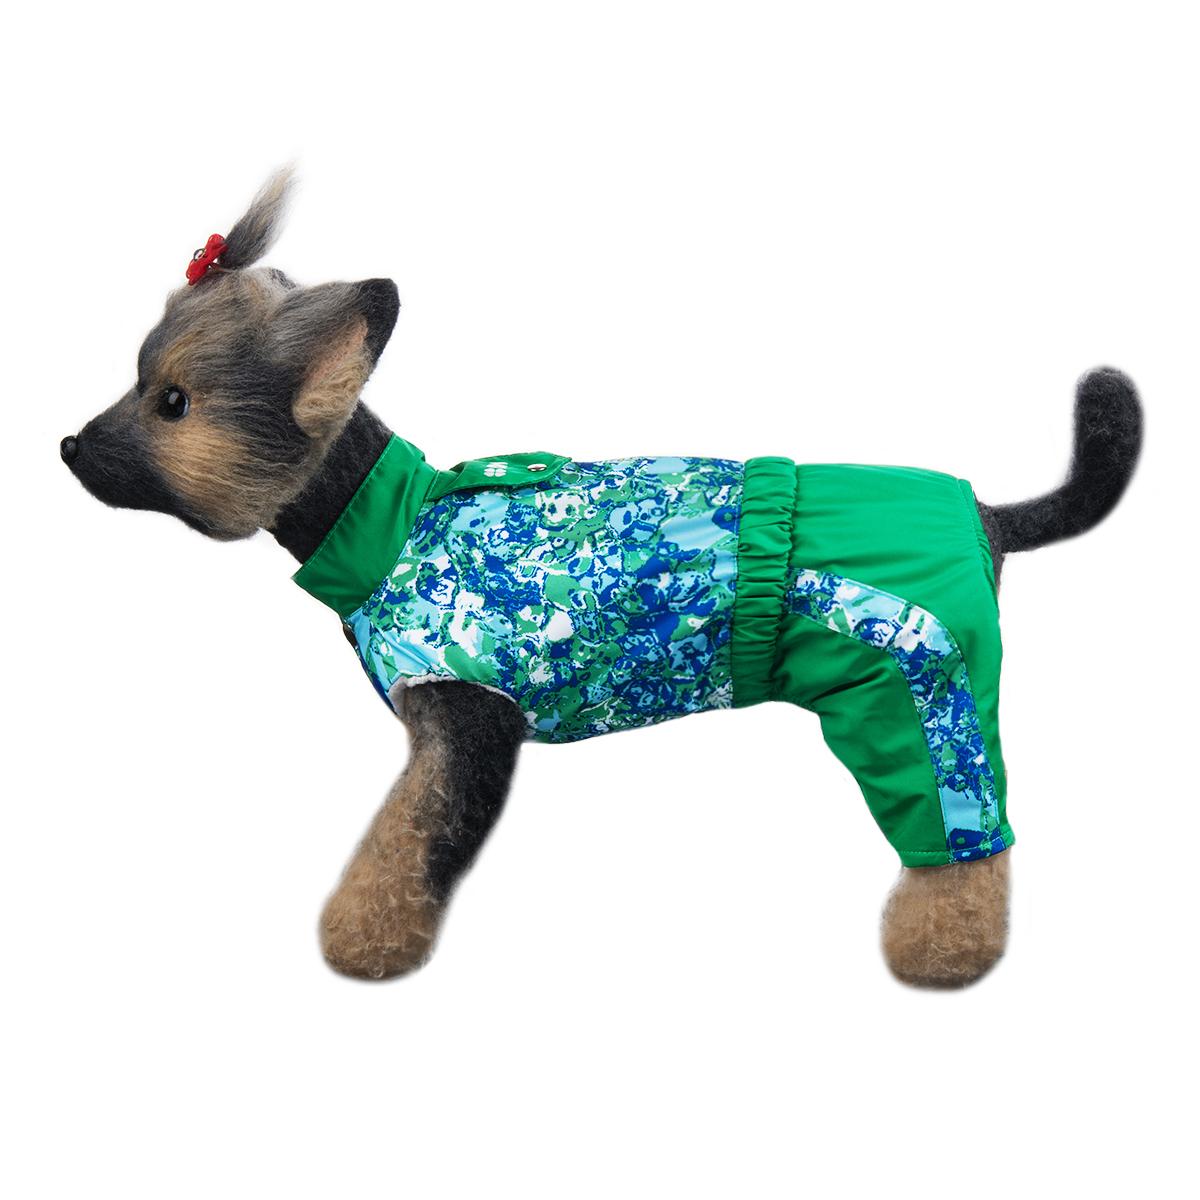 Комбинезон для собак Dogmoda Грин, унисекс, цвет: зеленый, синий, белый. Размер 4 (XL) комбинезон для собак dogmoda мегаполис унисекс цвет синий размер xxl